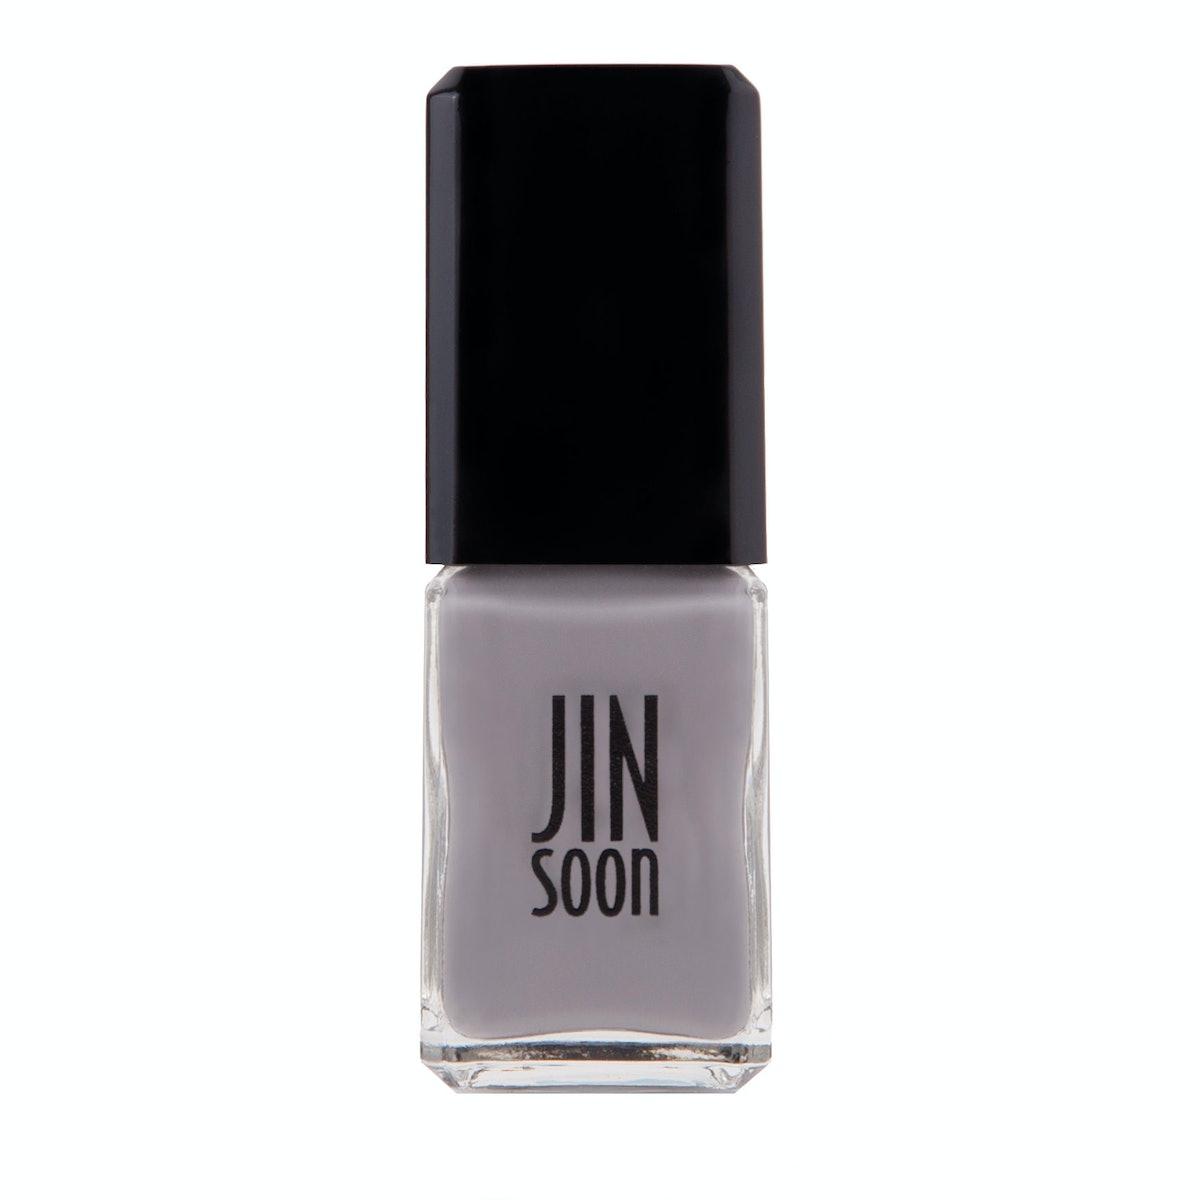 Jin Soon nail polish in Auspicious